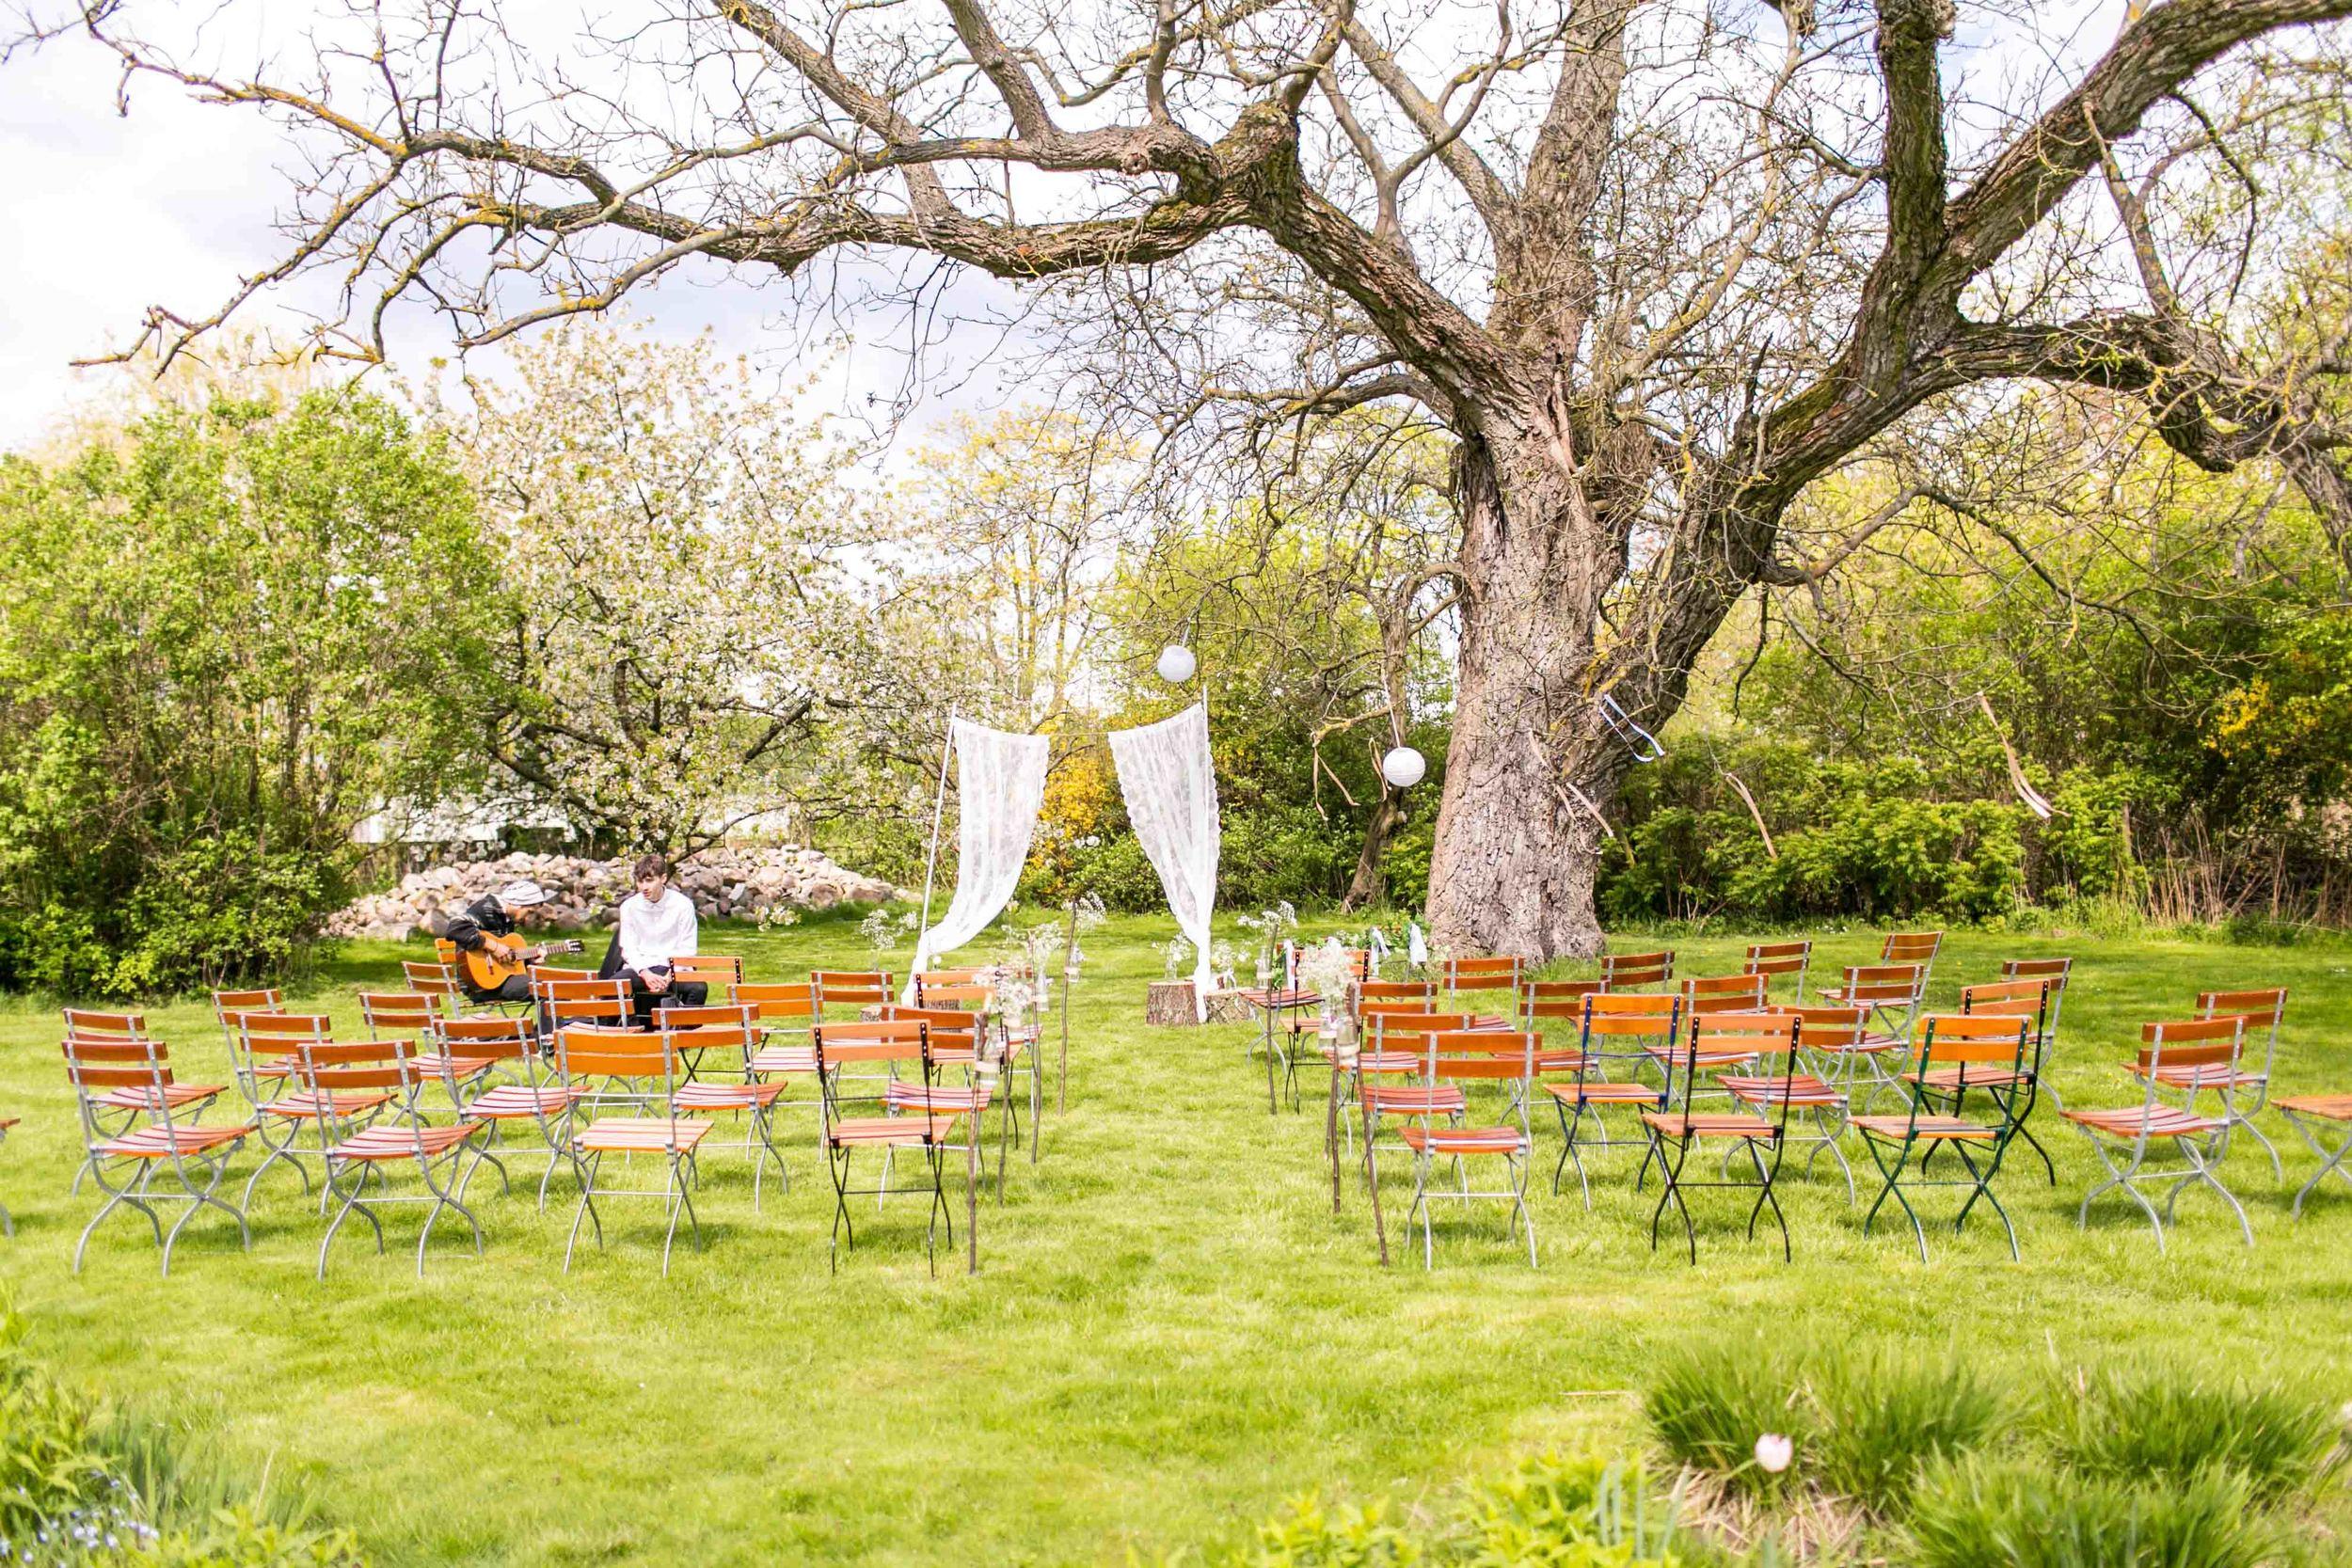 Berlin Hochzeitsfotografin Gartenglueck Wegendorf Hochzeitsreportage-26.jpg